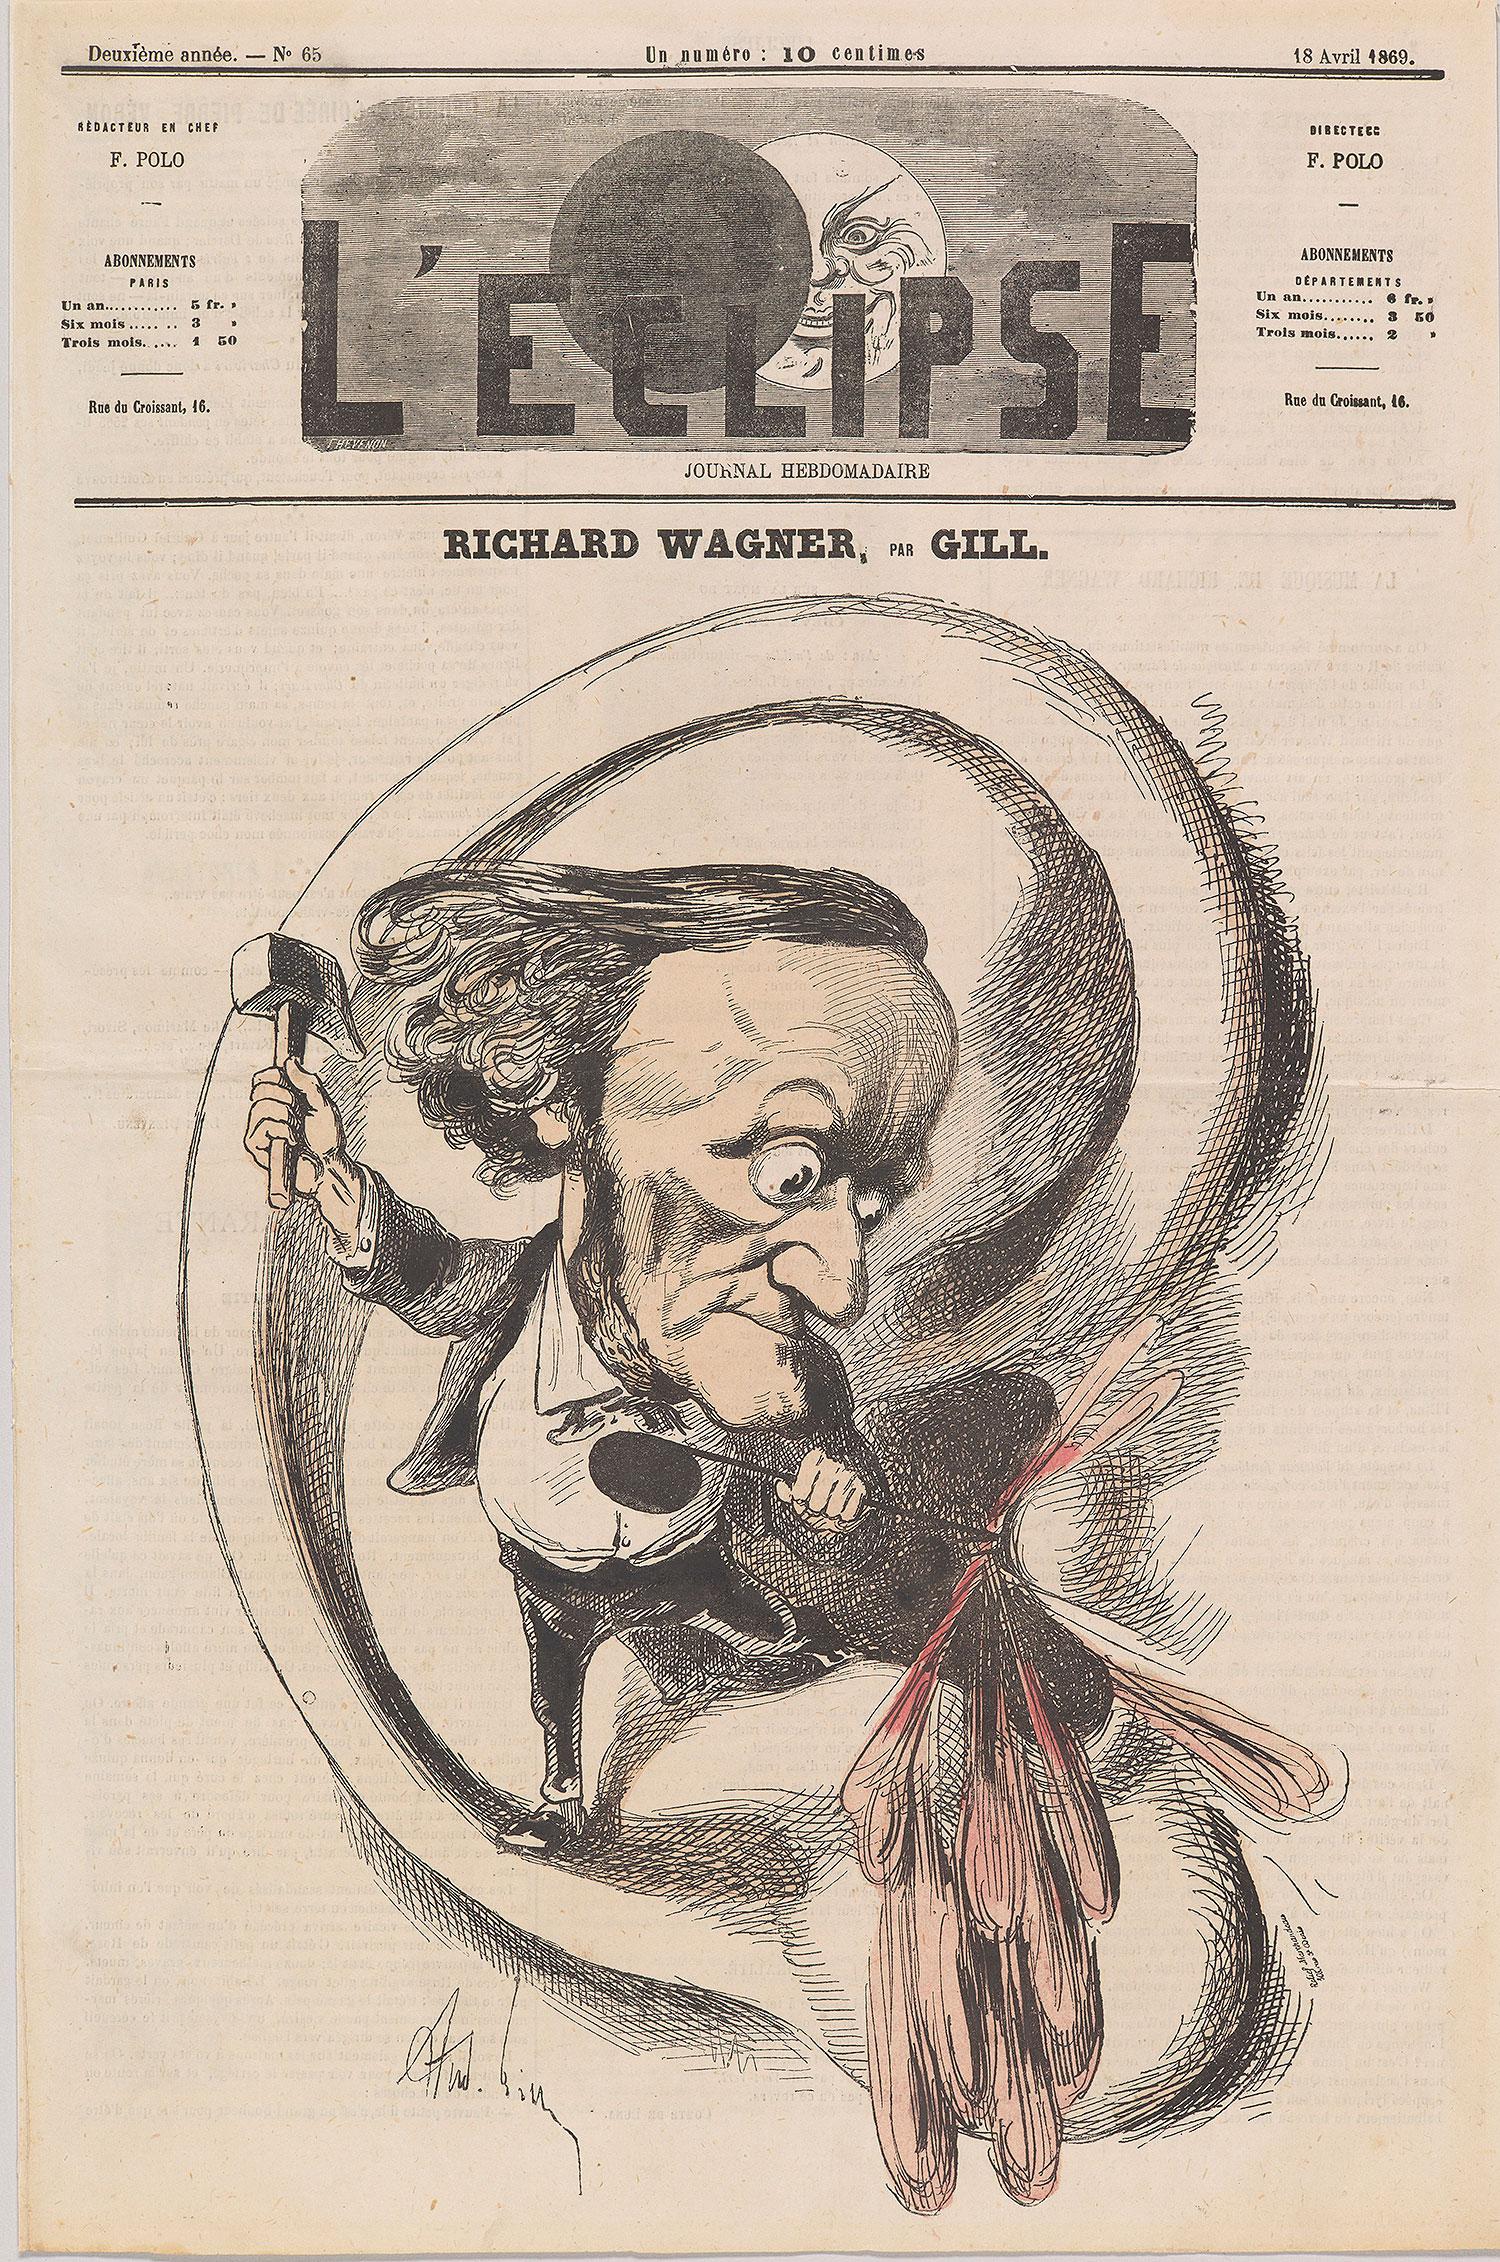 André Gill: Richard Wagner (caricature), L'Éclipse, April 18, 1869